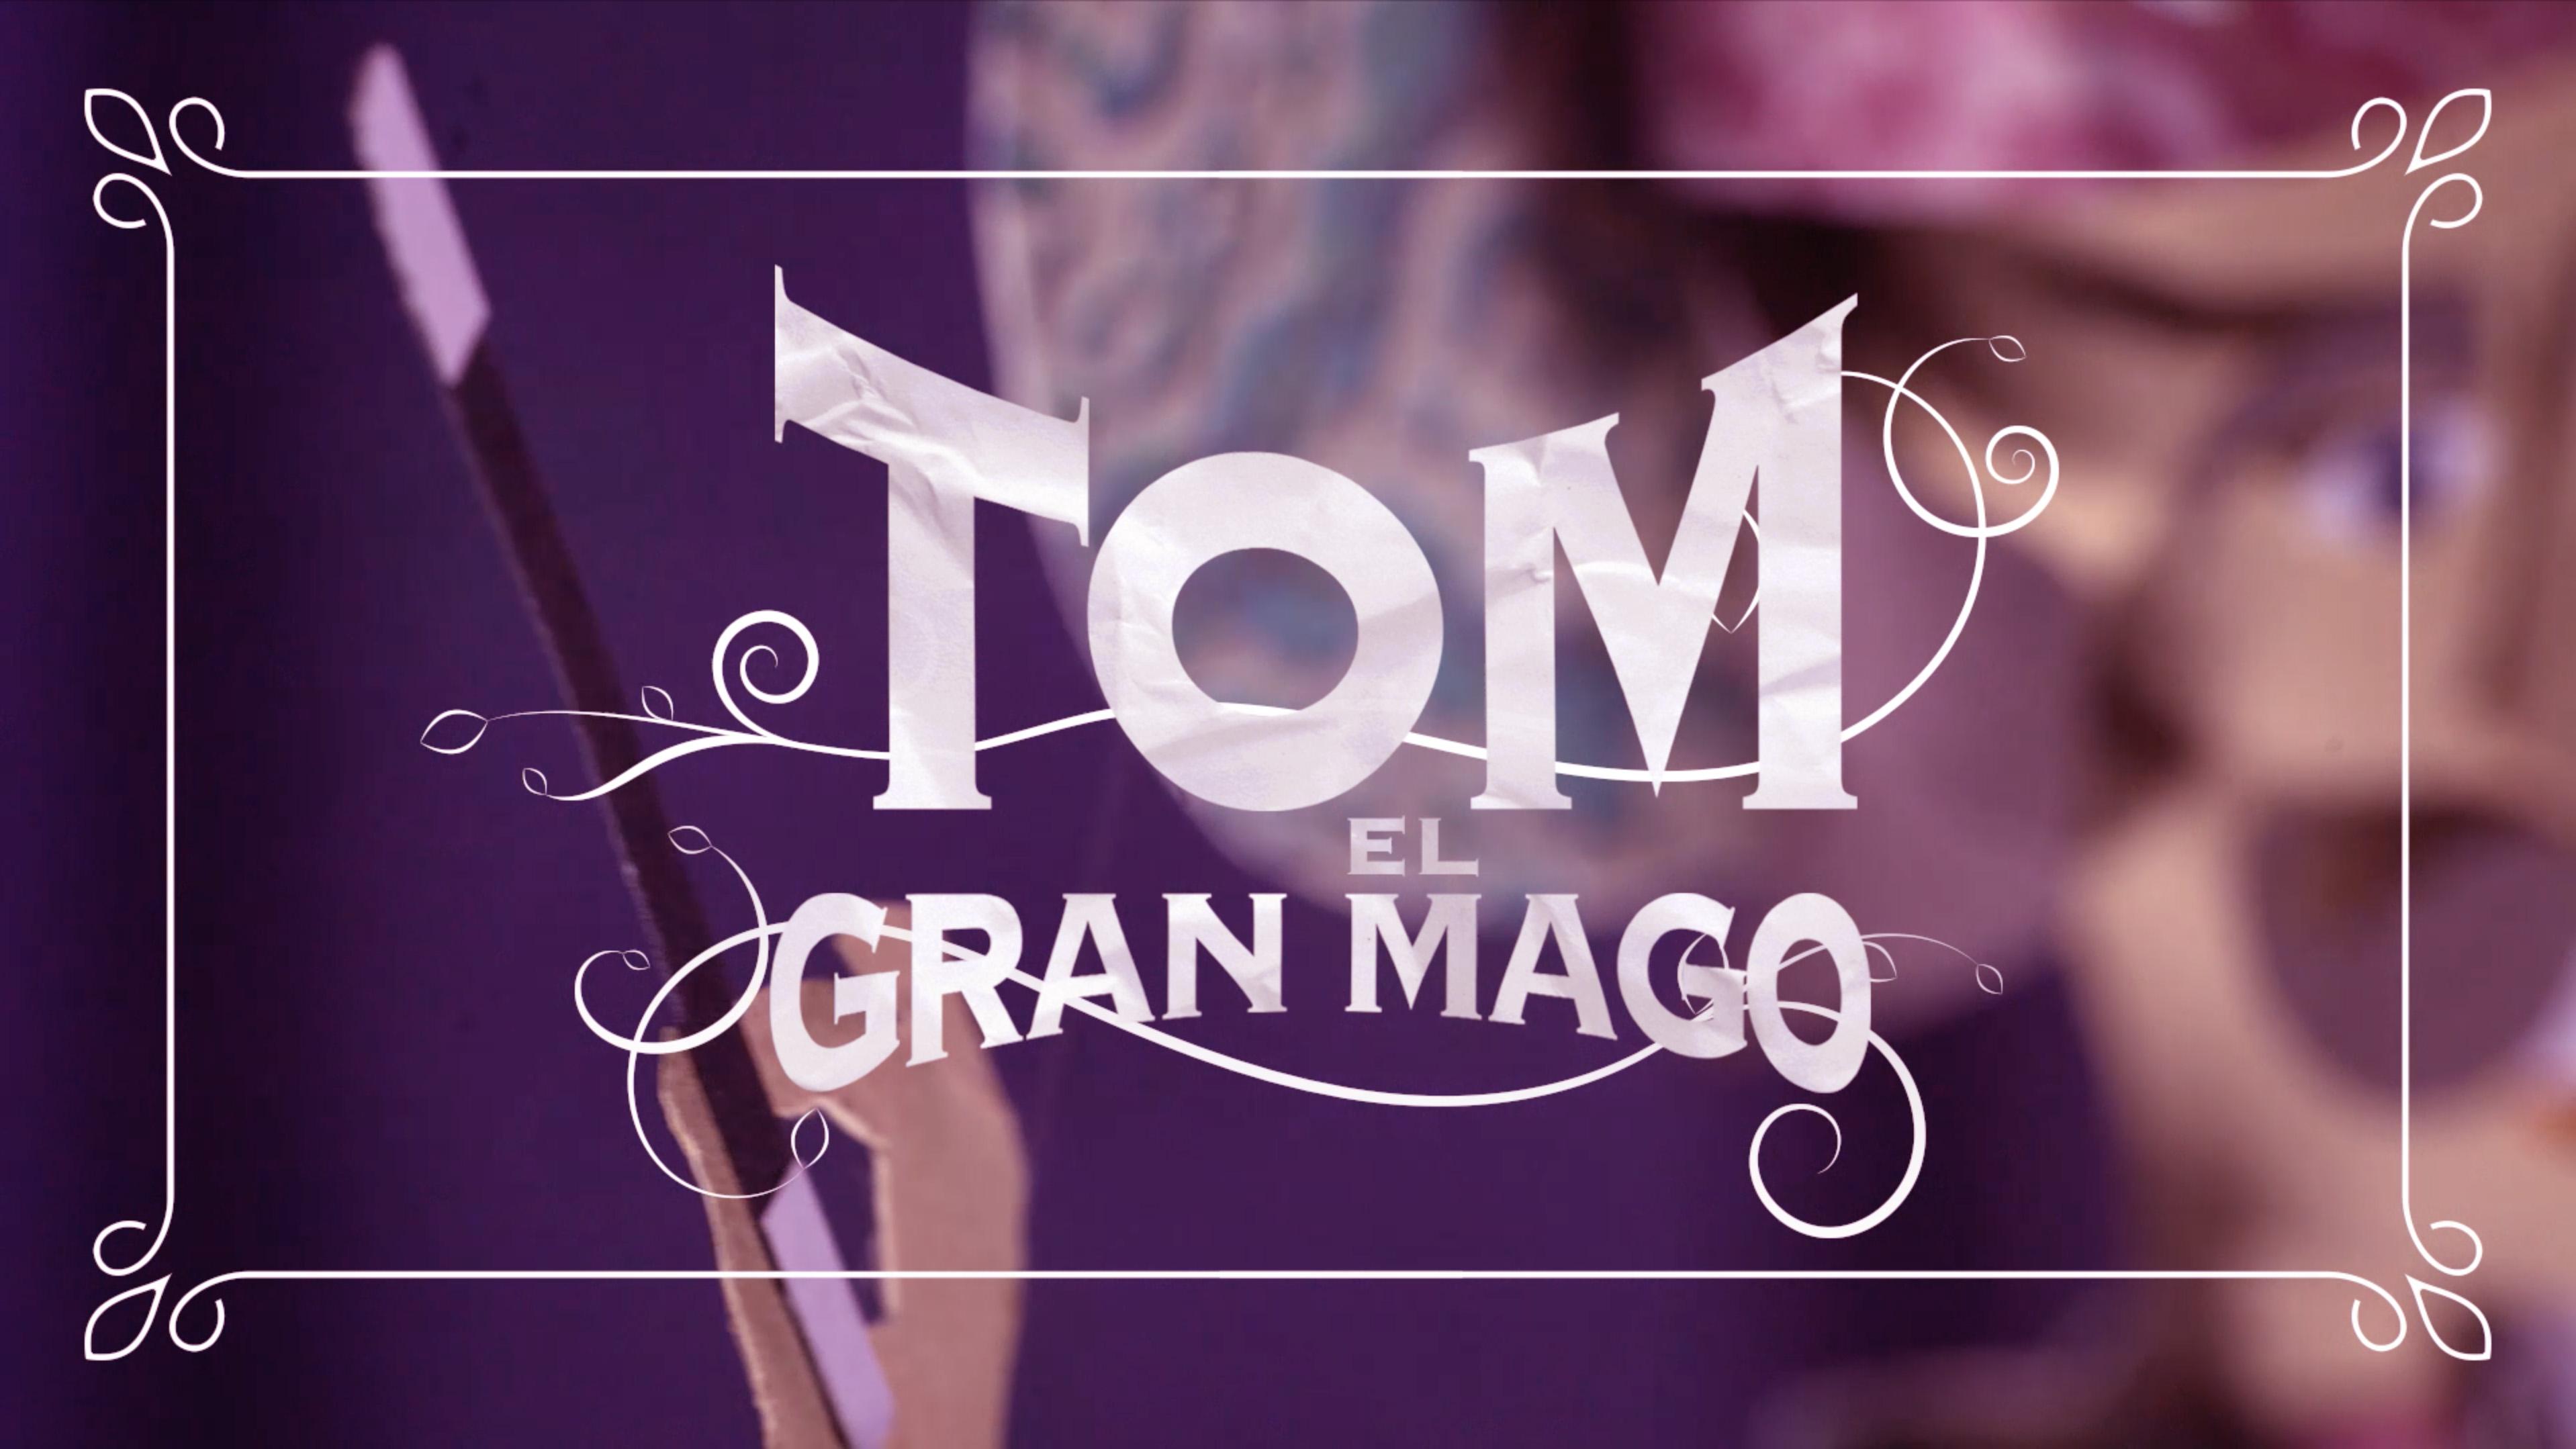 El Gran Mago Tom